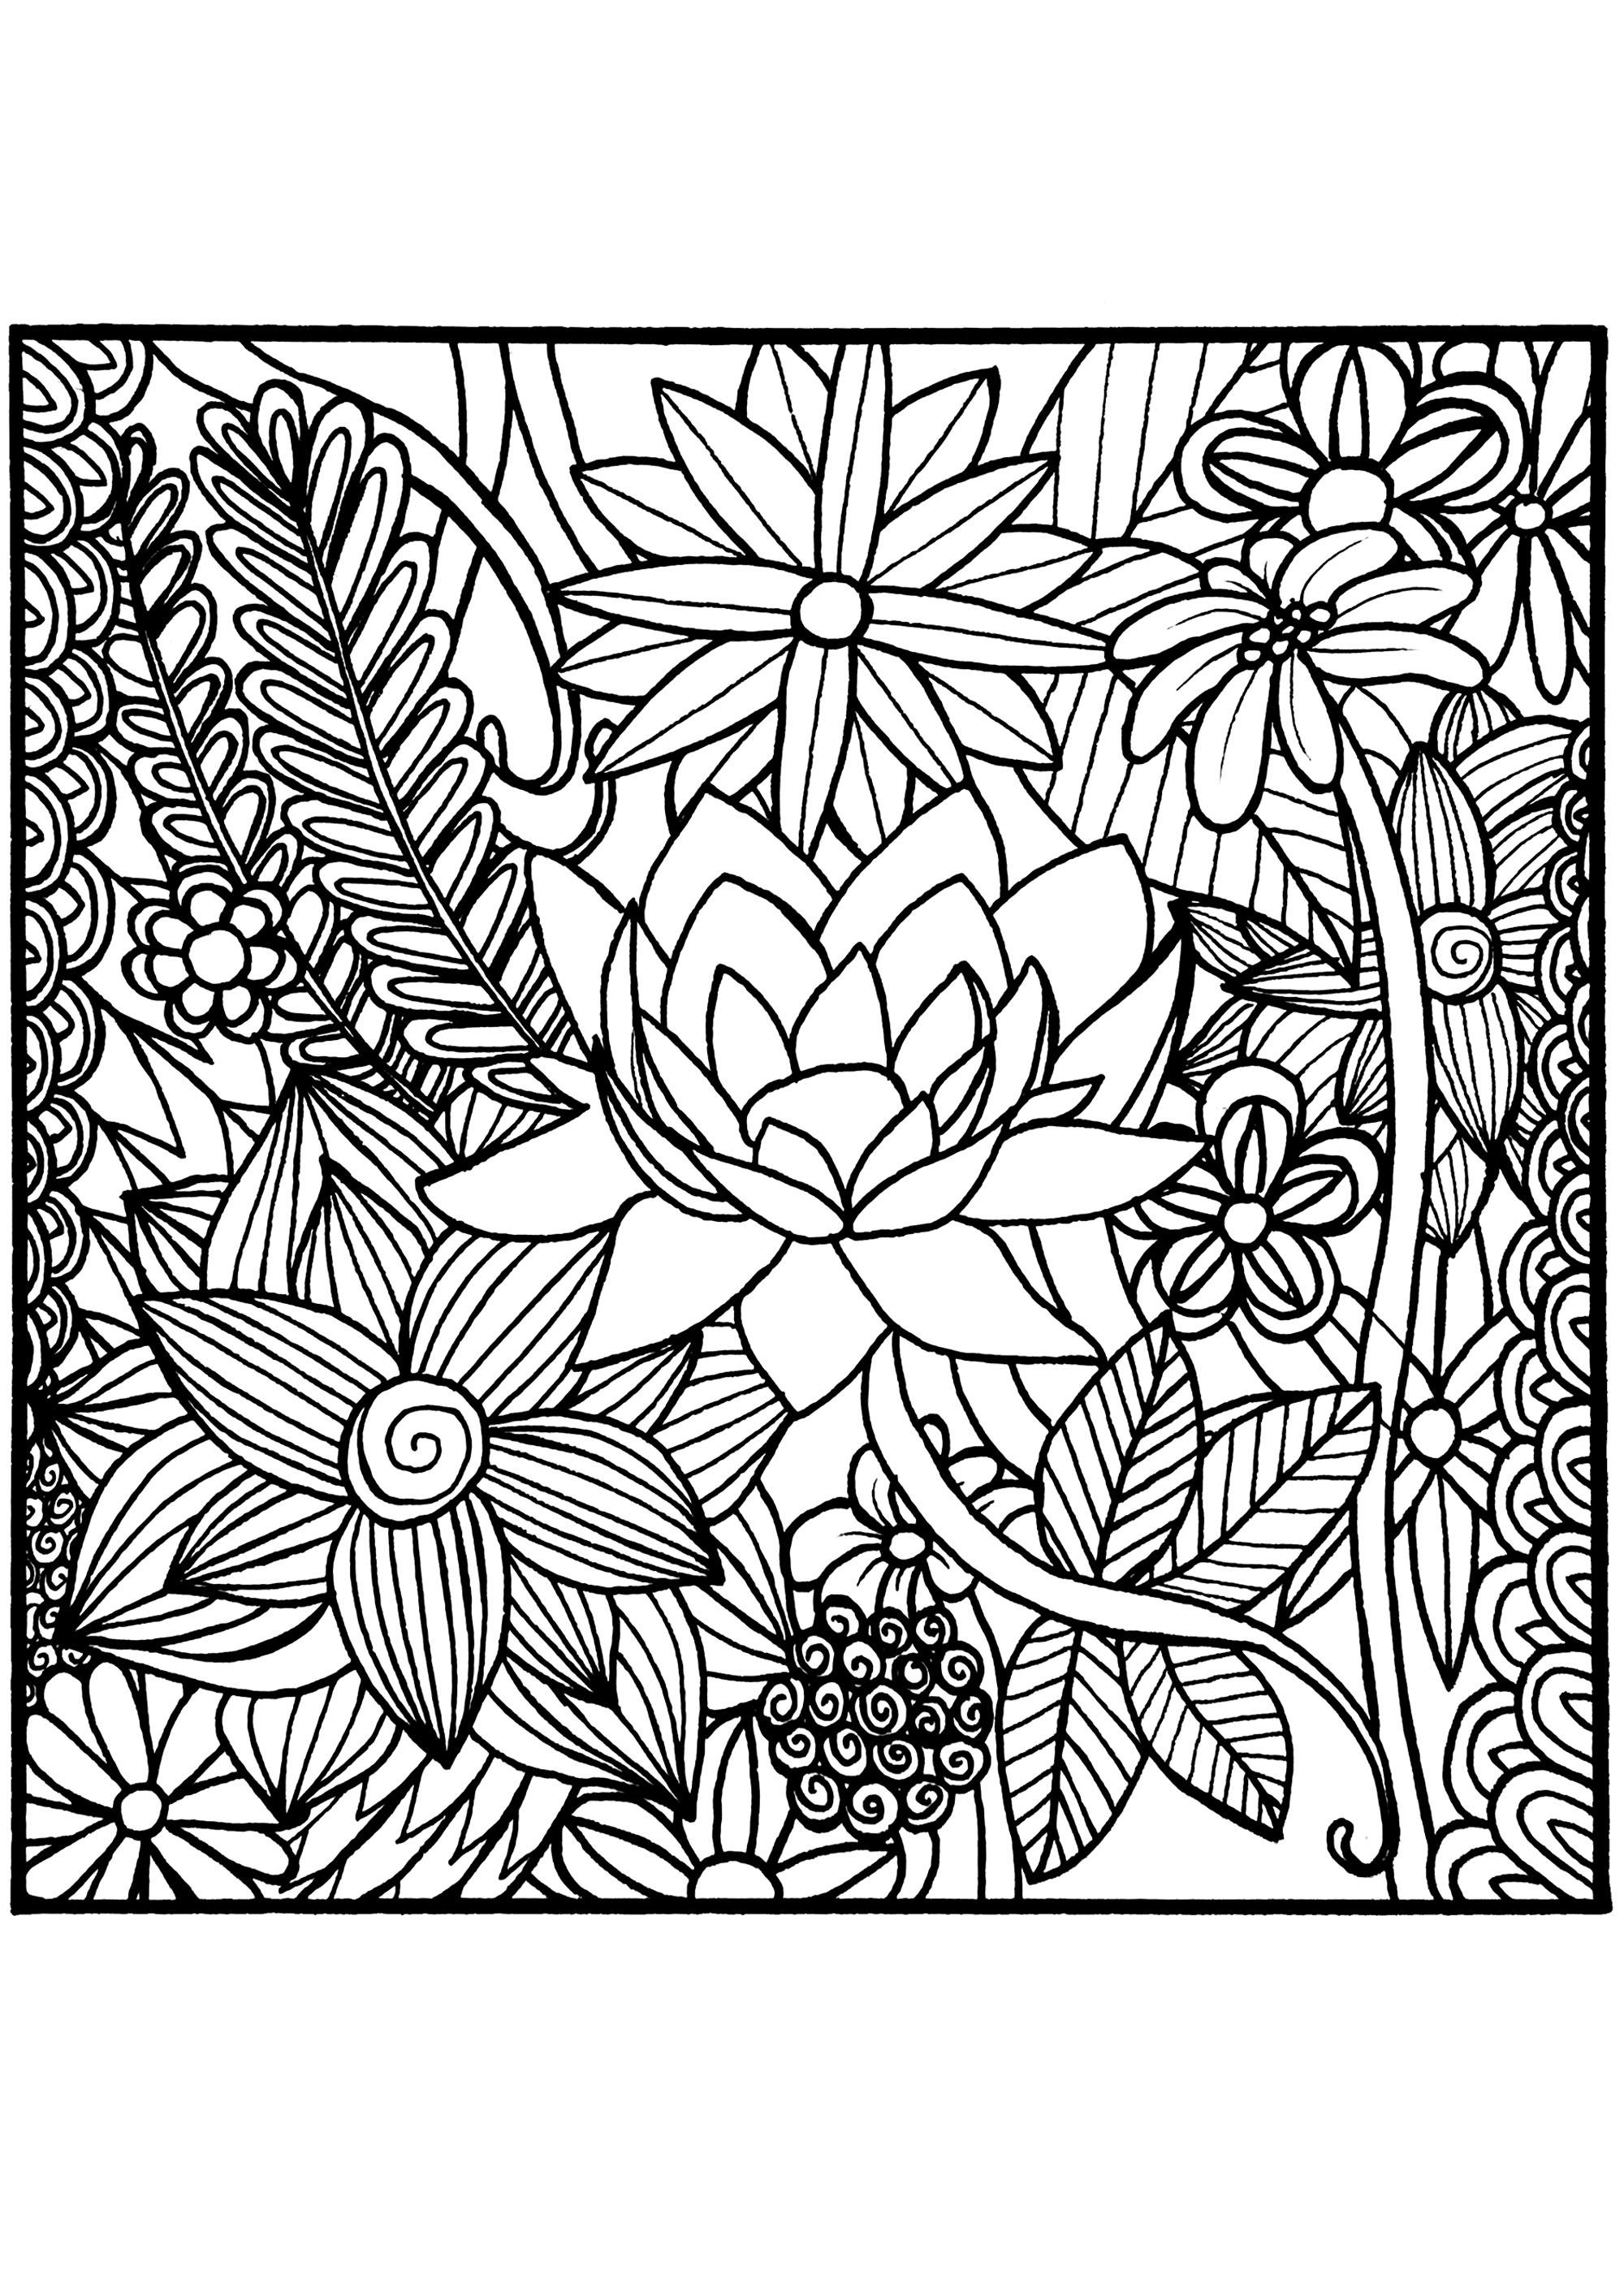 De magnifiques fleurs dessinées de manière très réaliste, intégrées à un carré.